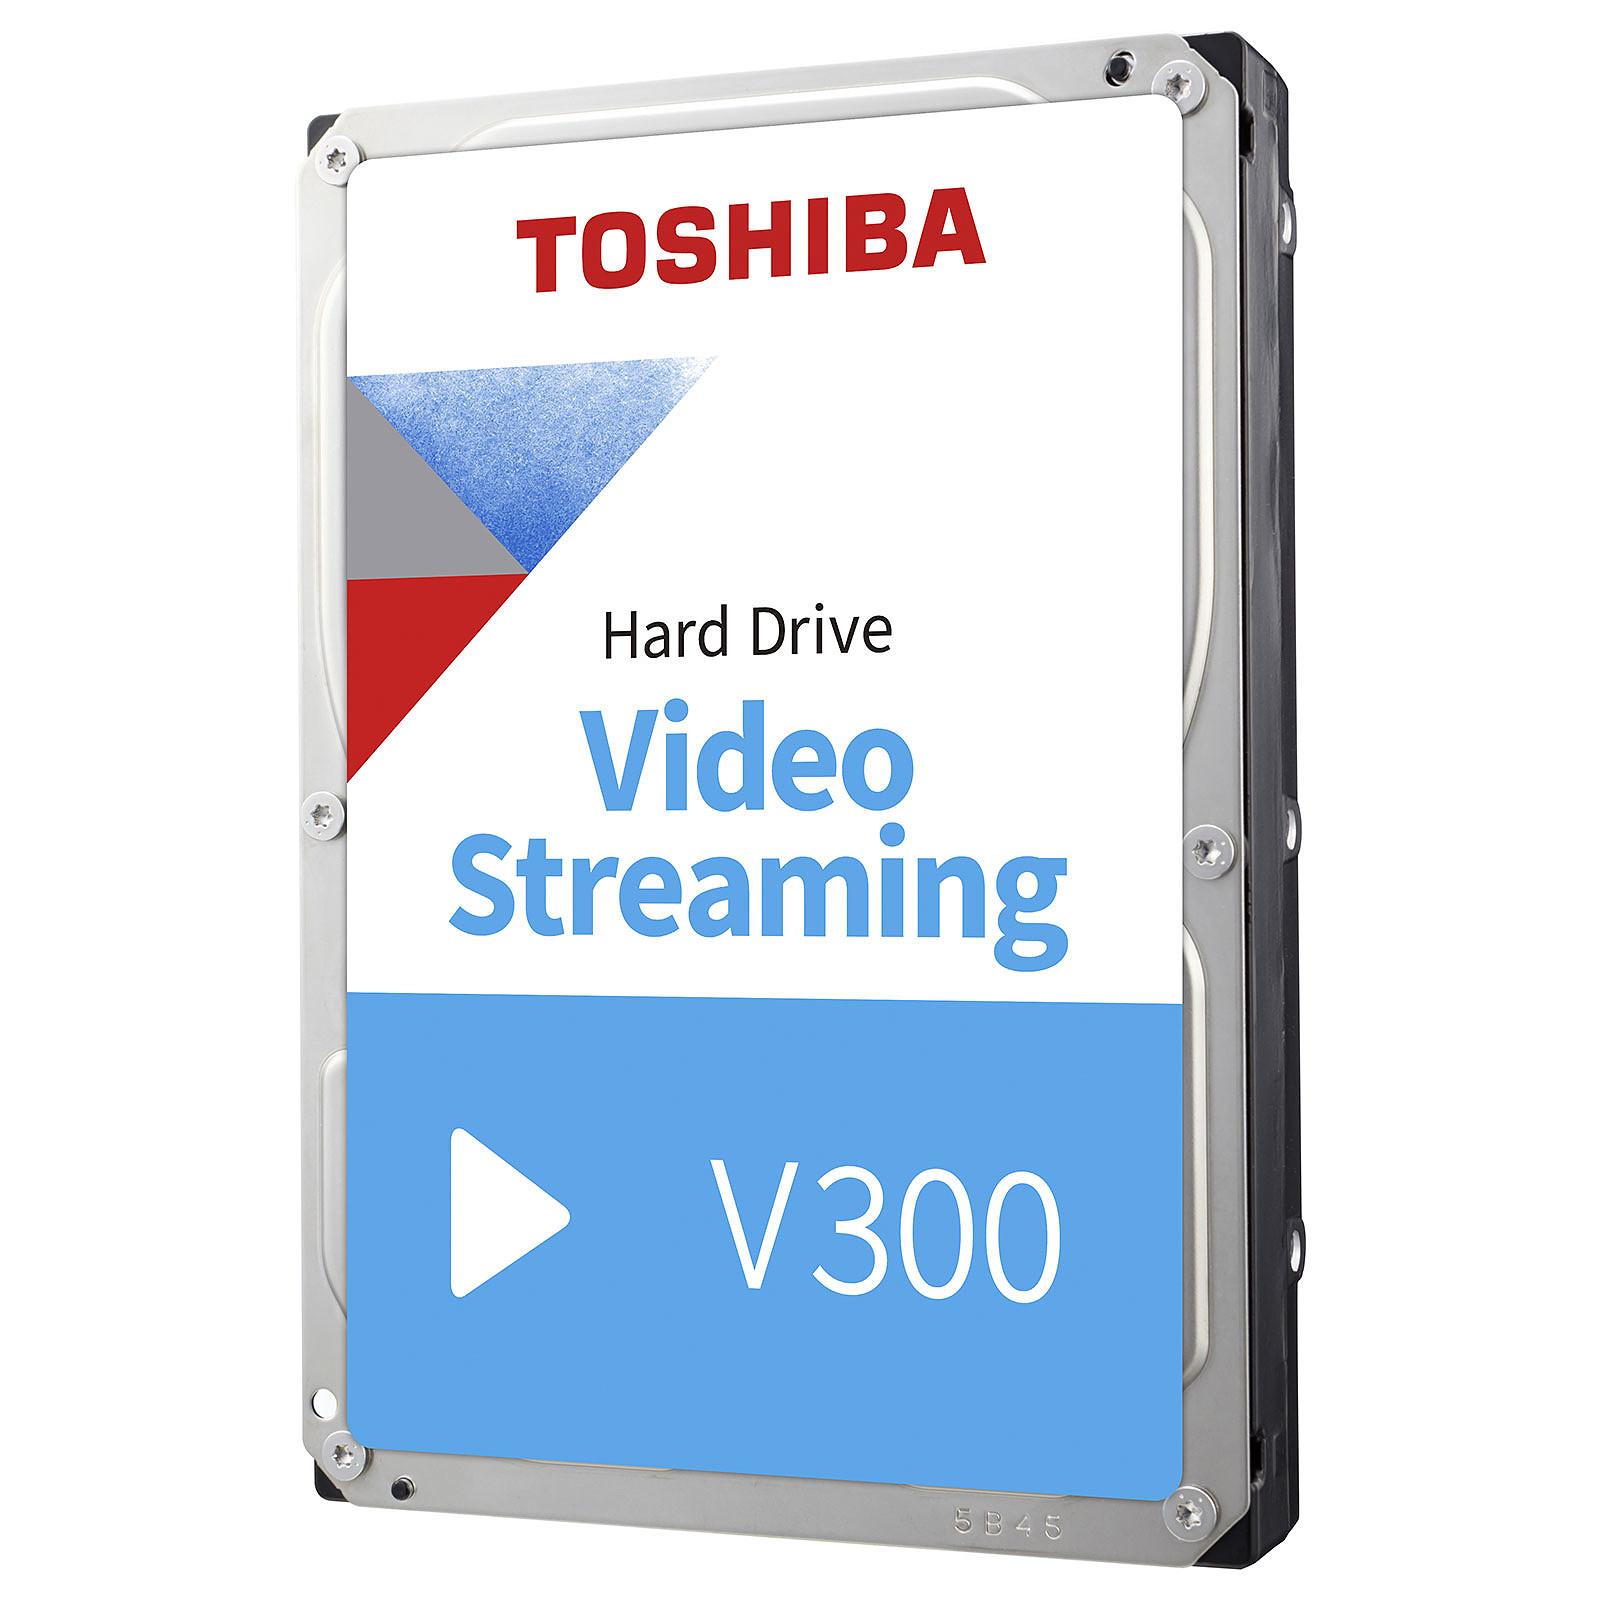 Toshiba V300 1 To